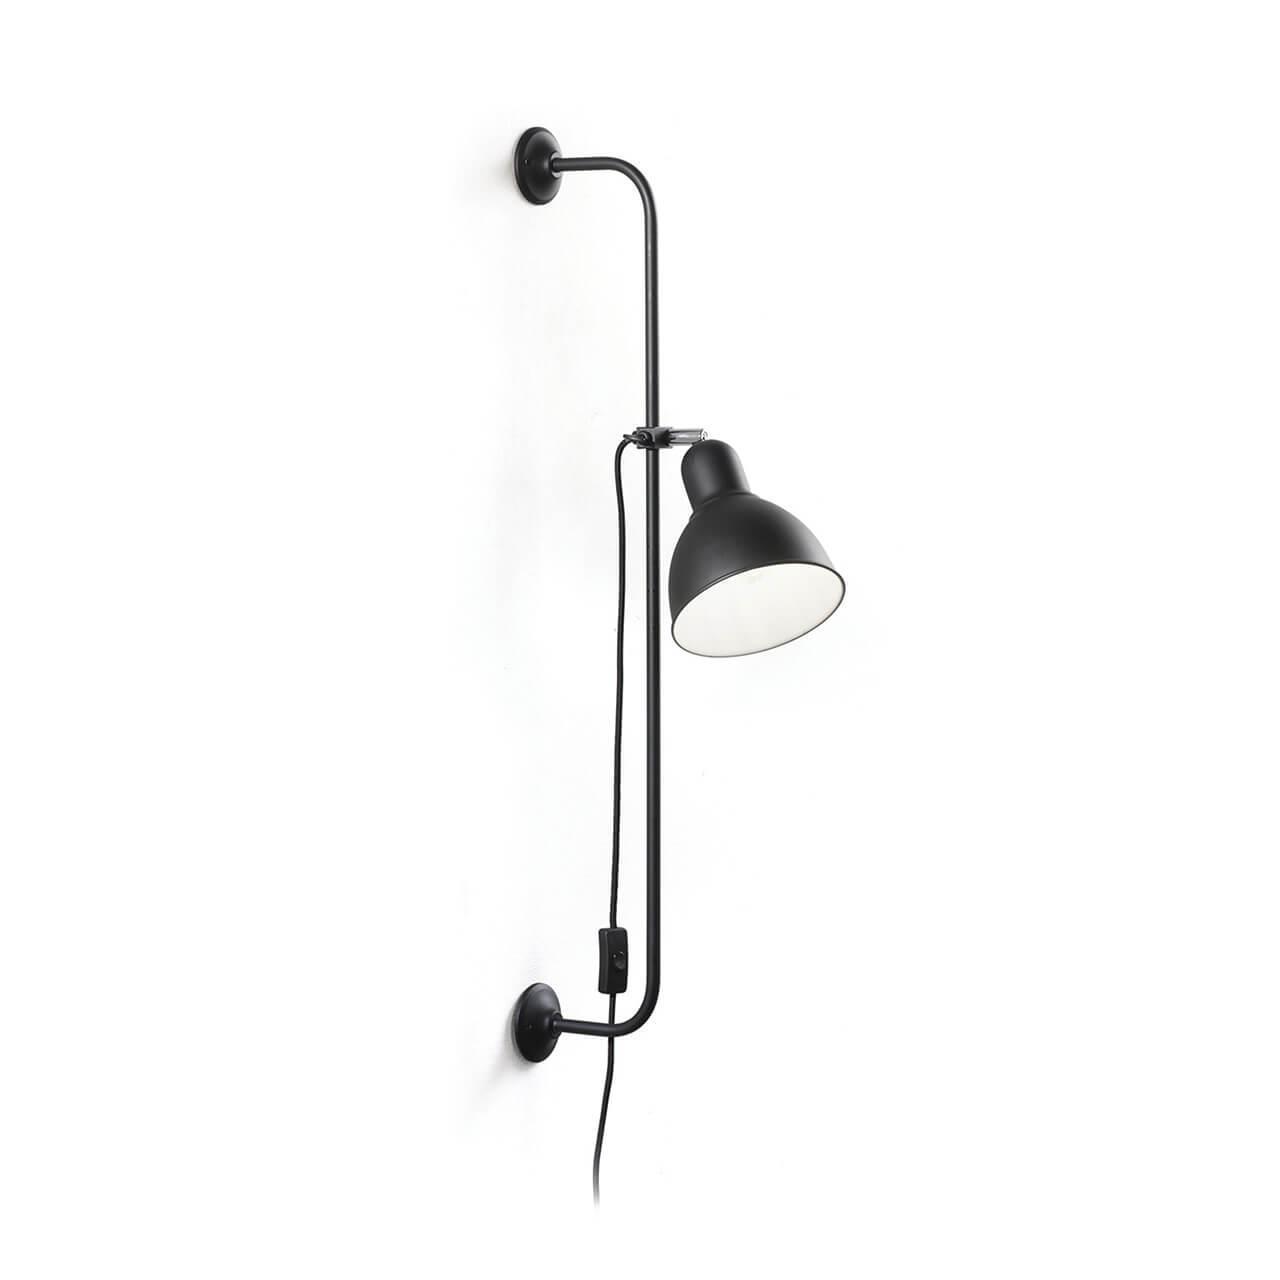 Спот Ideal Lux Shower AP1 Nero спот ideal lux page ap1 round nero